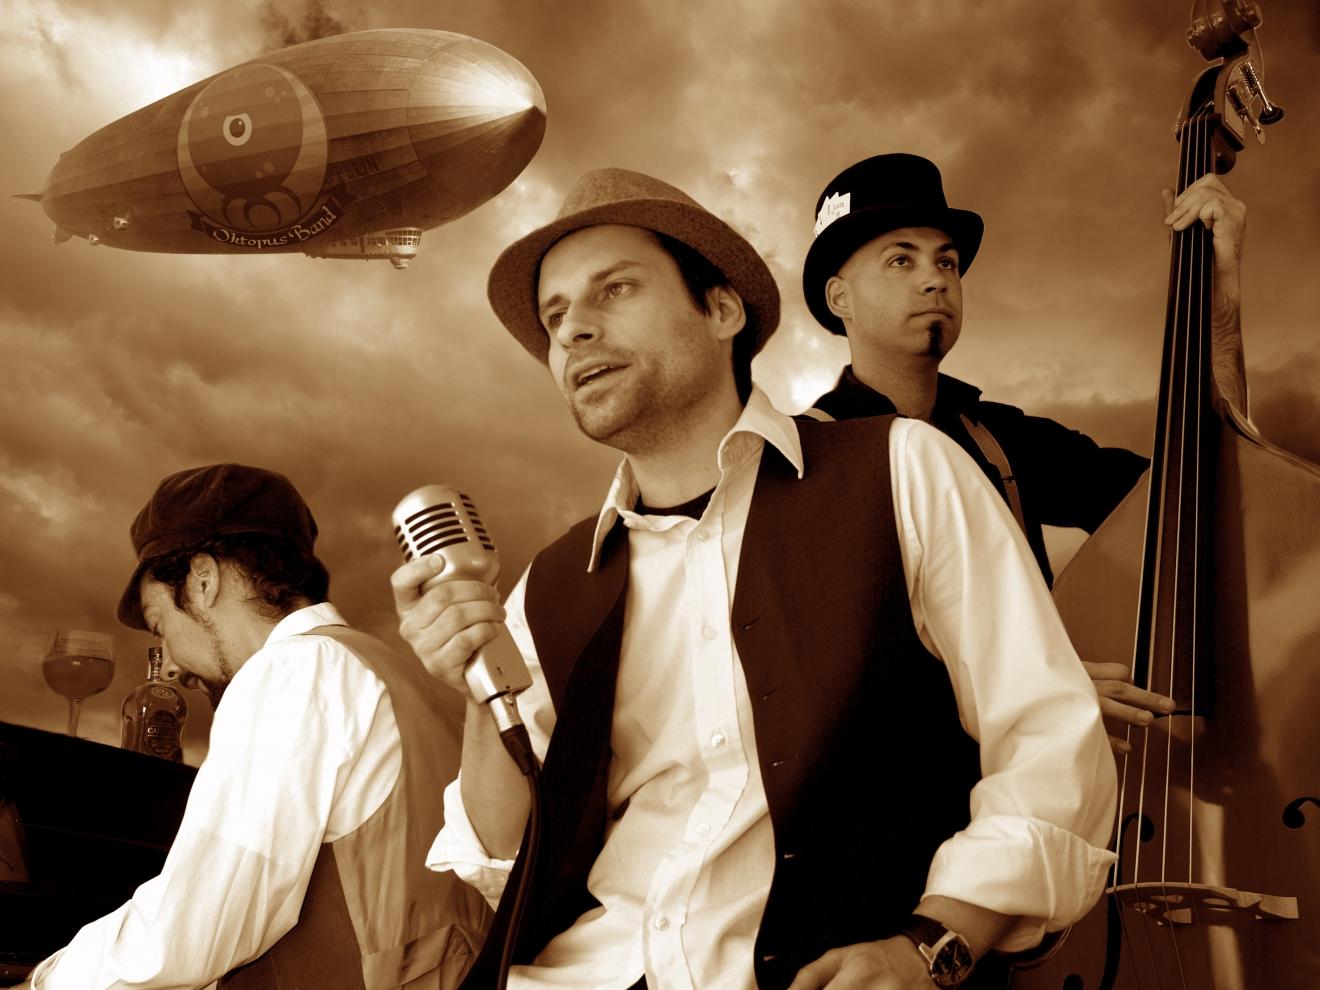 Retoque para cartel Oktopus band